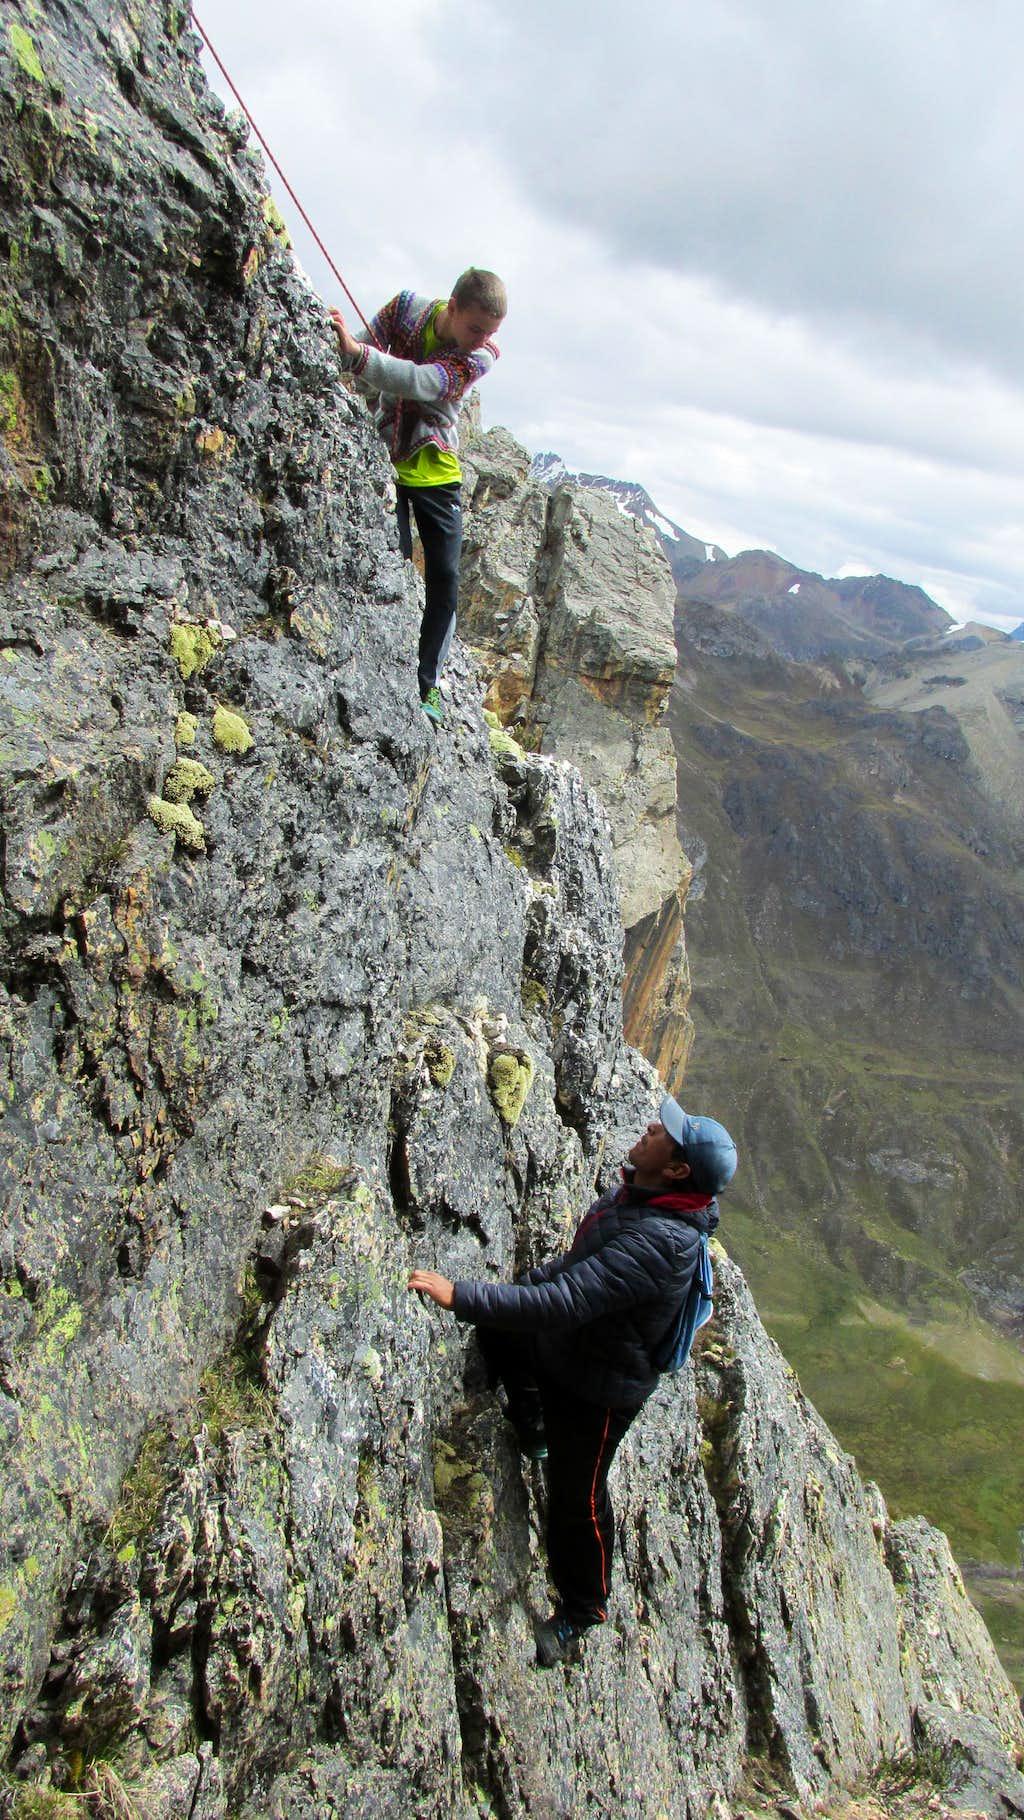 Cerro Pucaccacca